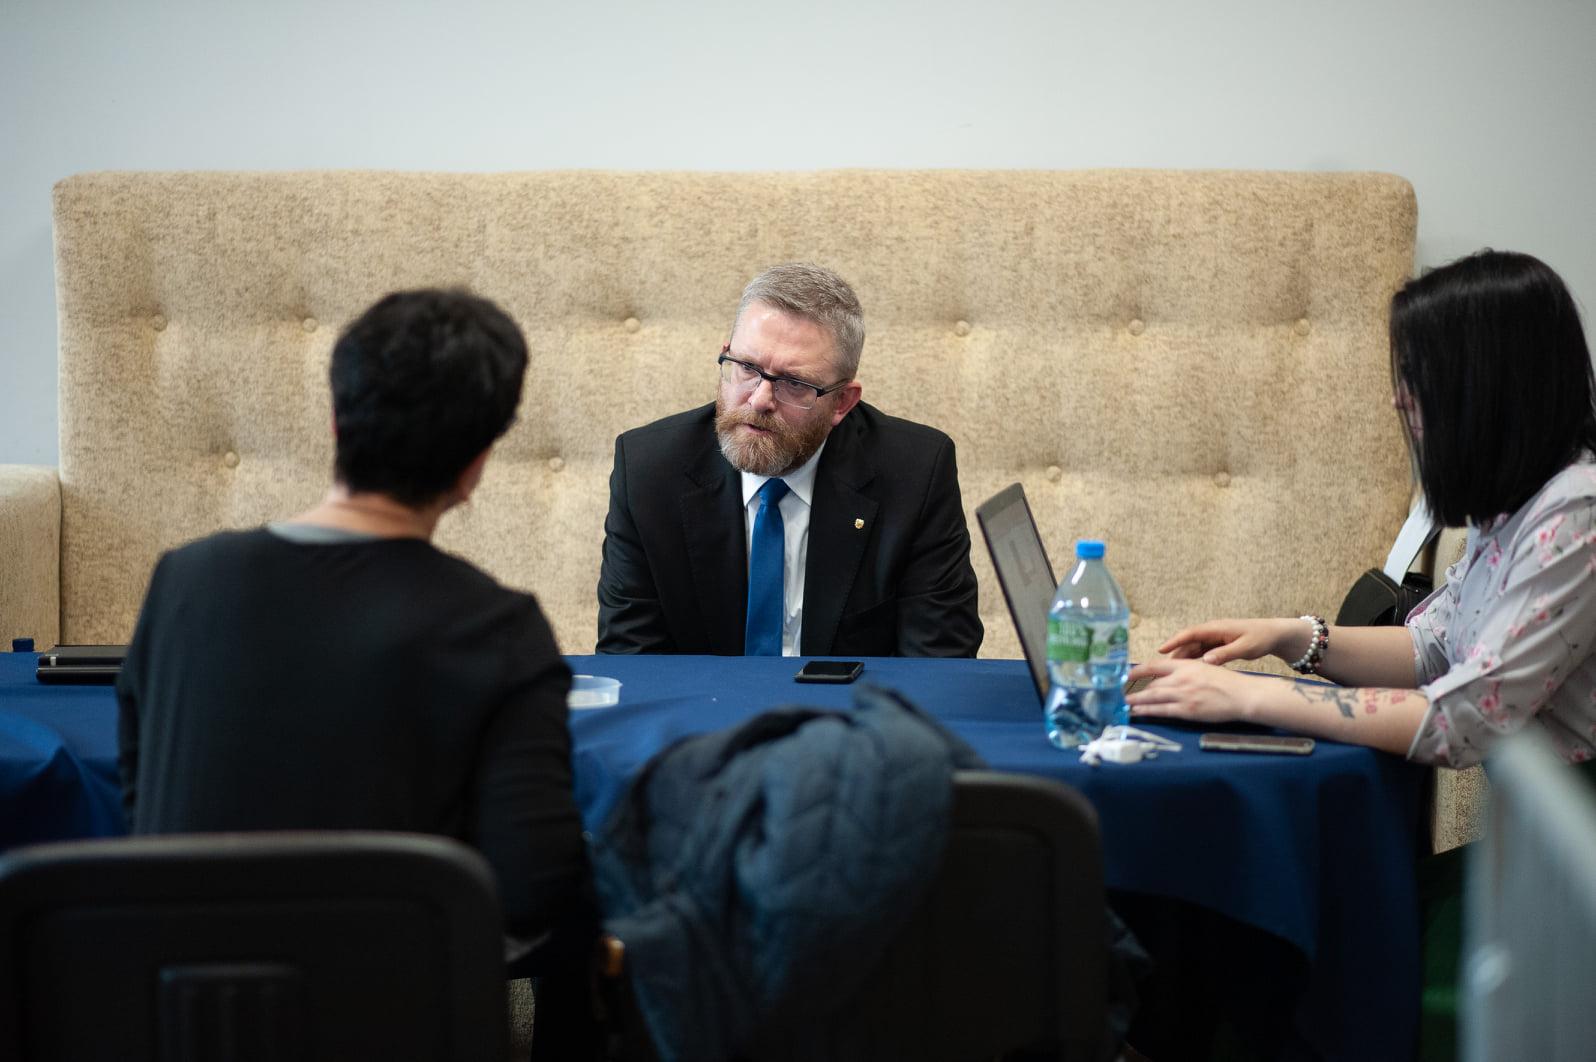 Grzegorz Braun wykluczony z debaty kandydatów na prezydenta Rzeszowa! [WIDEO] - Zdjęcie główne